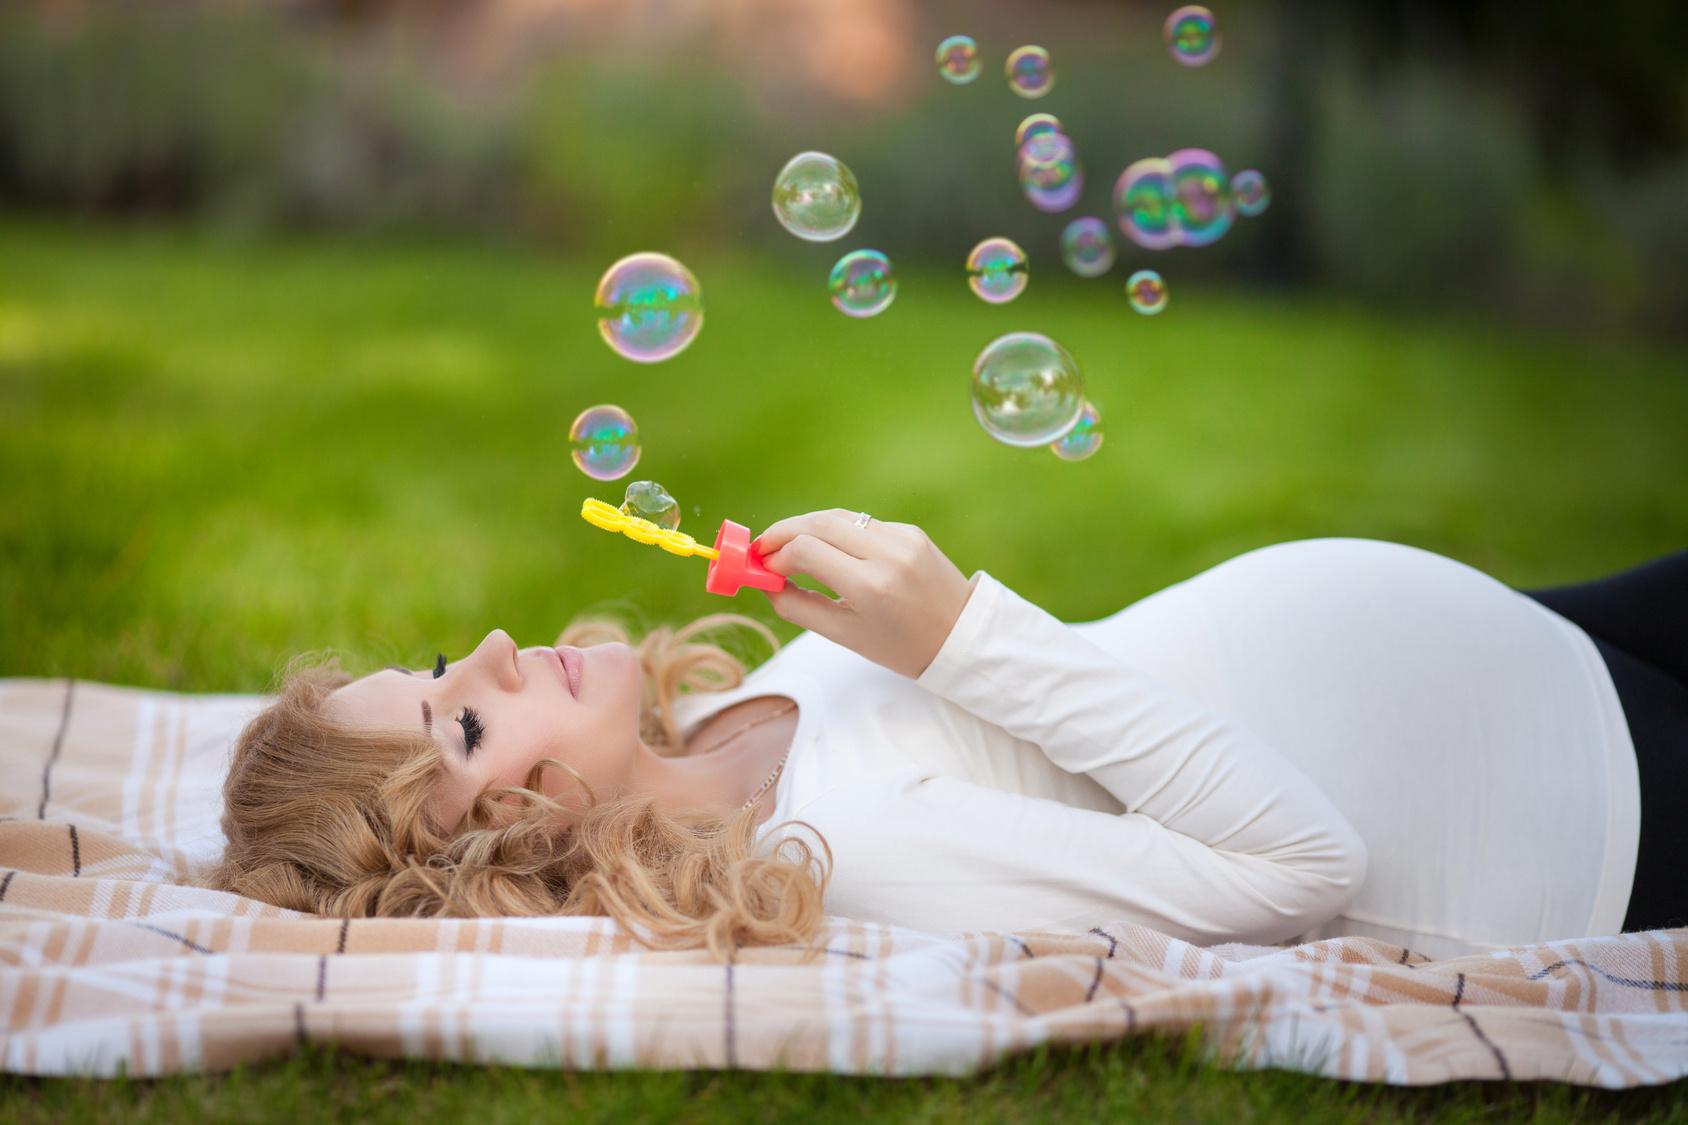 Фотосессия для беременных идеи для фото летом